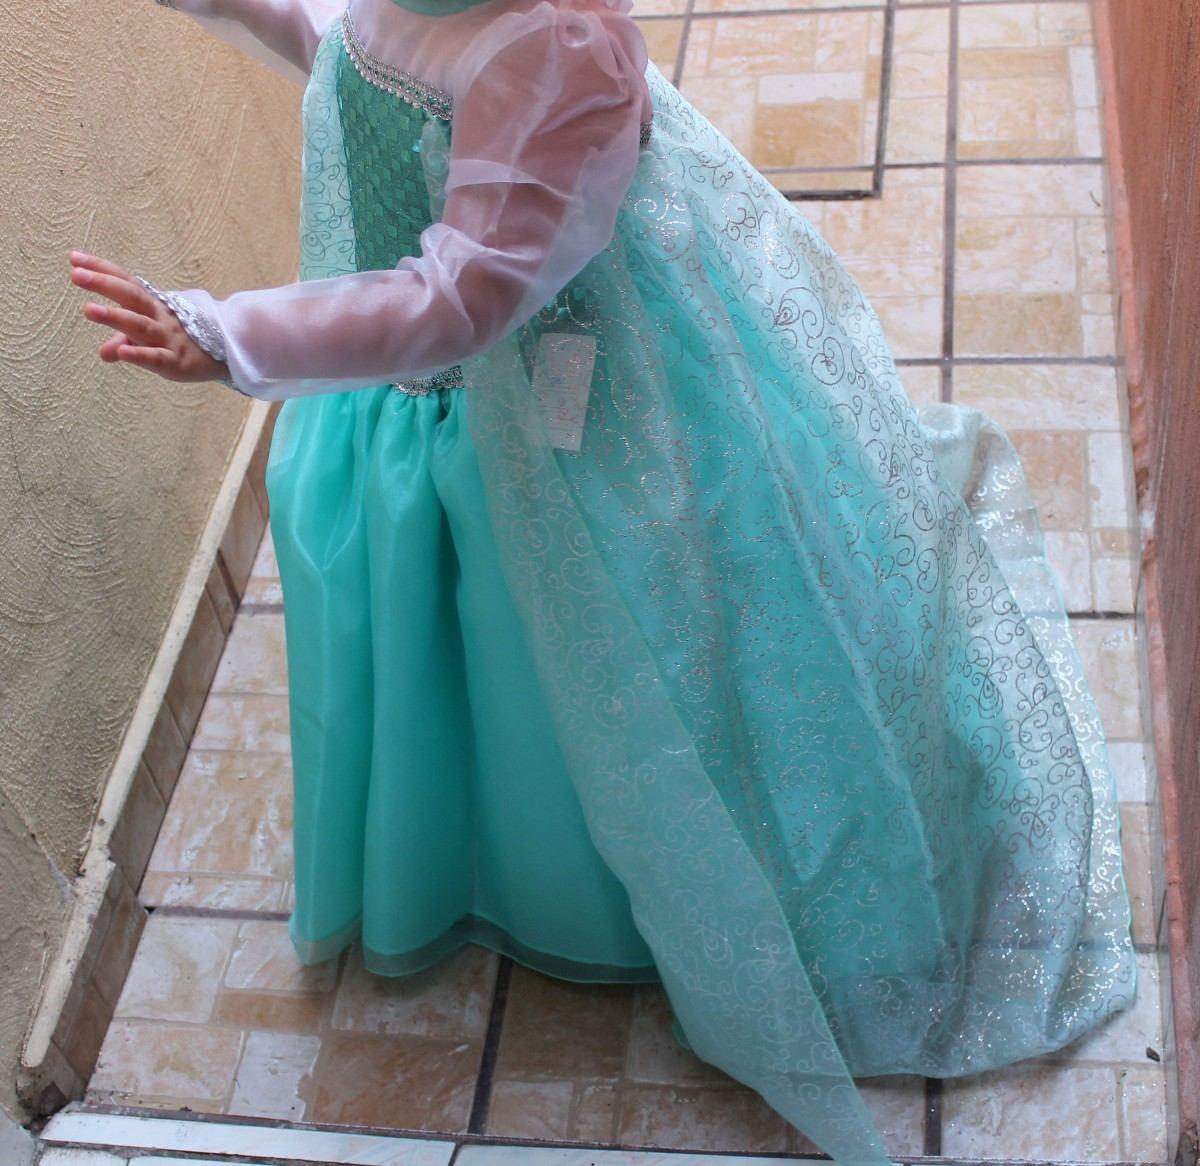 e366a51c9 vestido o disfraz elsa frozen y corona tallas 1 a la 12. Cargando zoom.